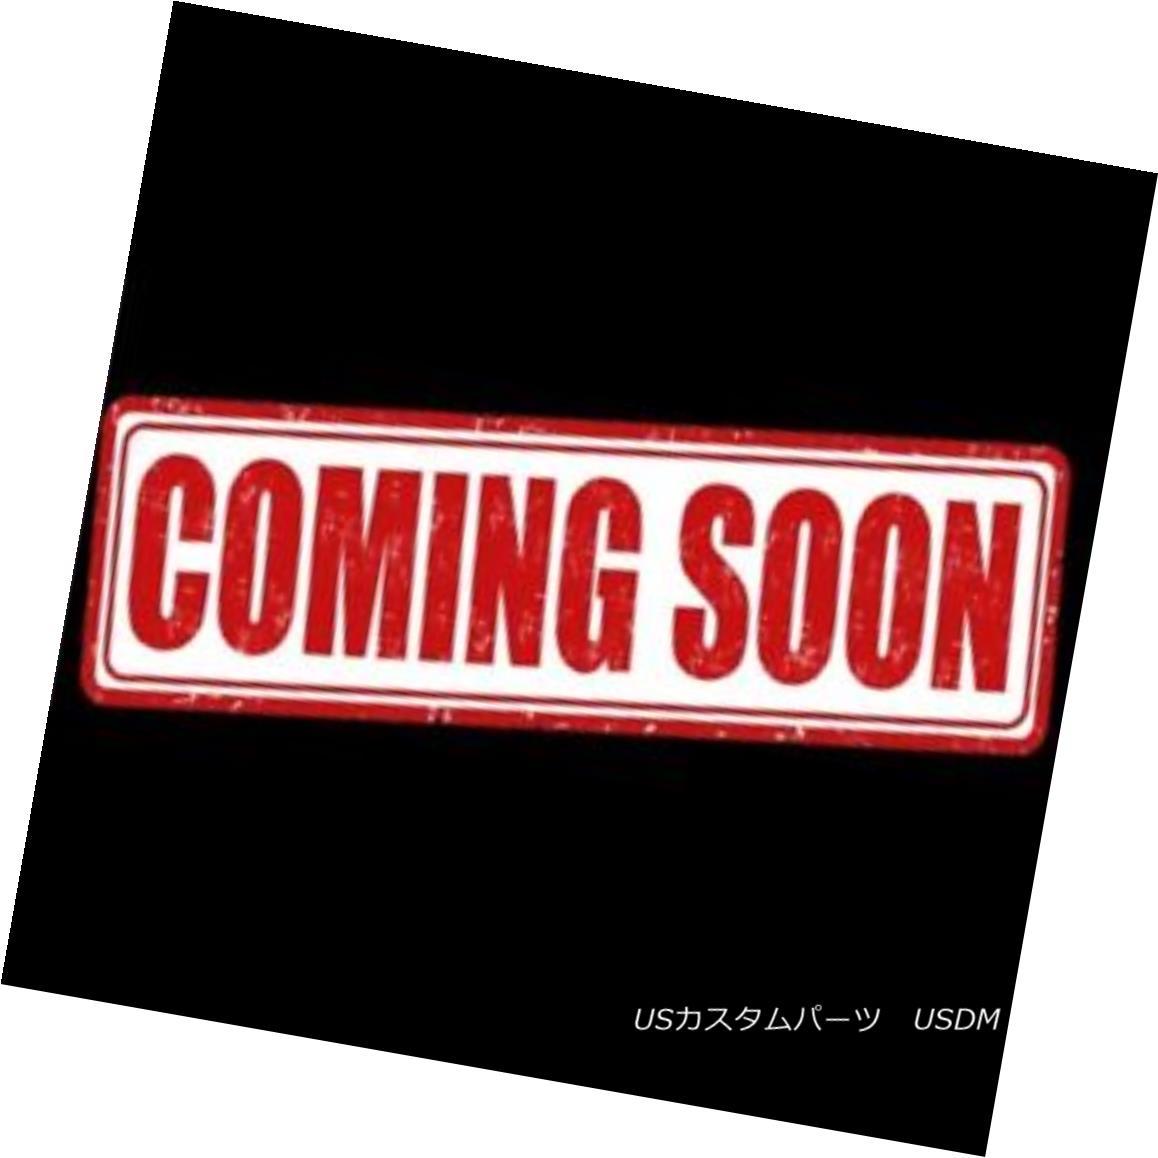 グリル Fits 2014-18 Toyota Highlander (LE, XLE) - 4PC Chrome Grille Overlay - IWCGI153 フィット2014-18トヨタハイランダー(LE、XLE) - 4PCクロームグリルオーバーレイ - IWCGI153